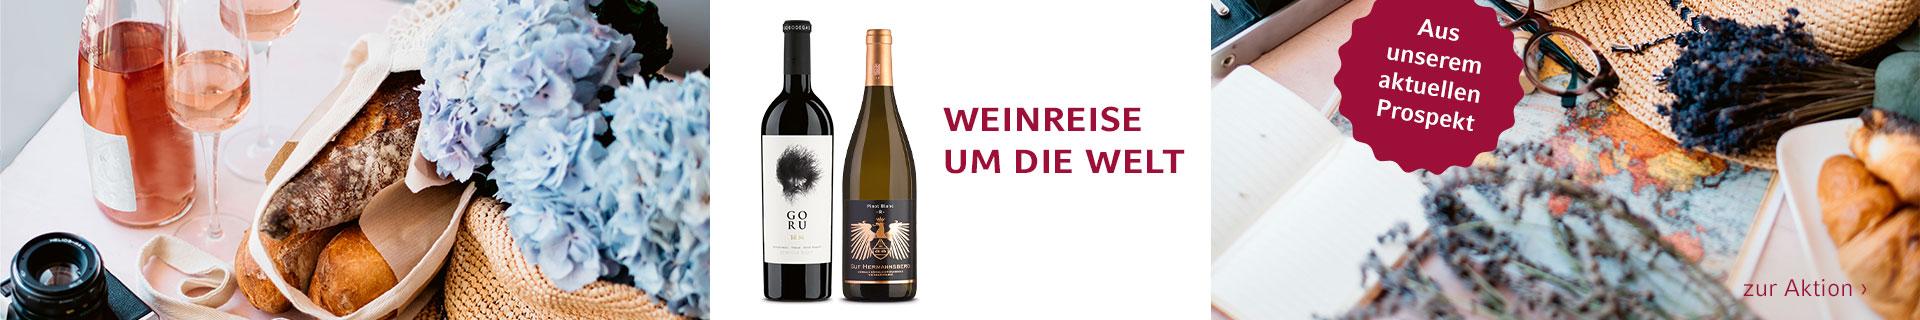 Weinreise um die Welt